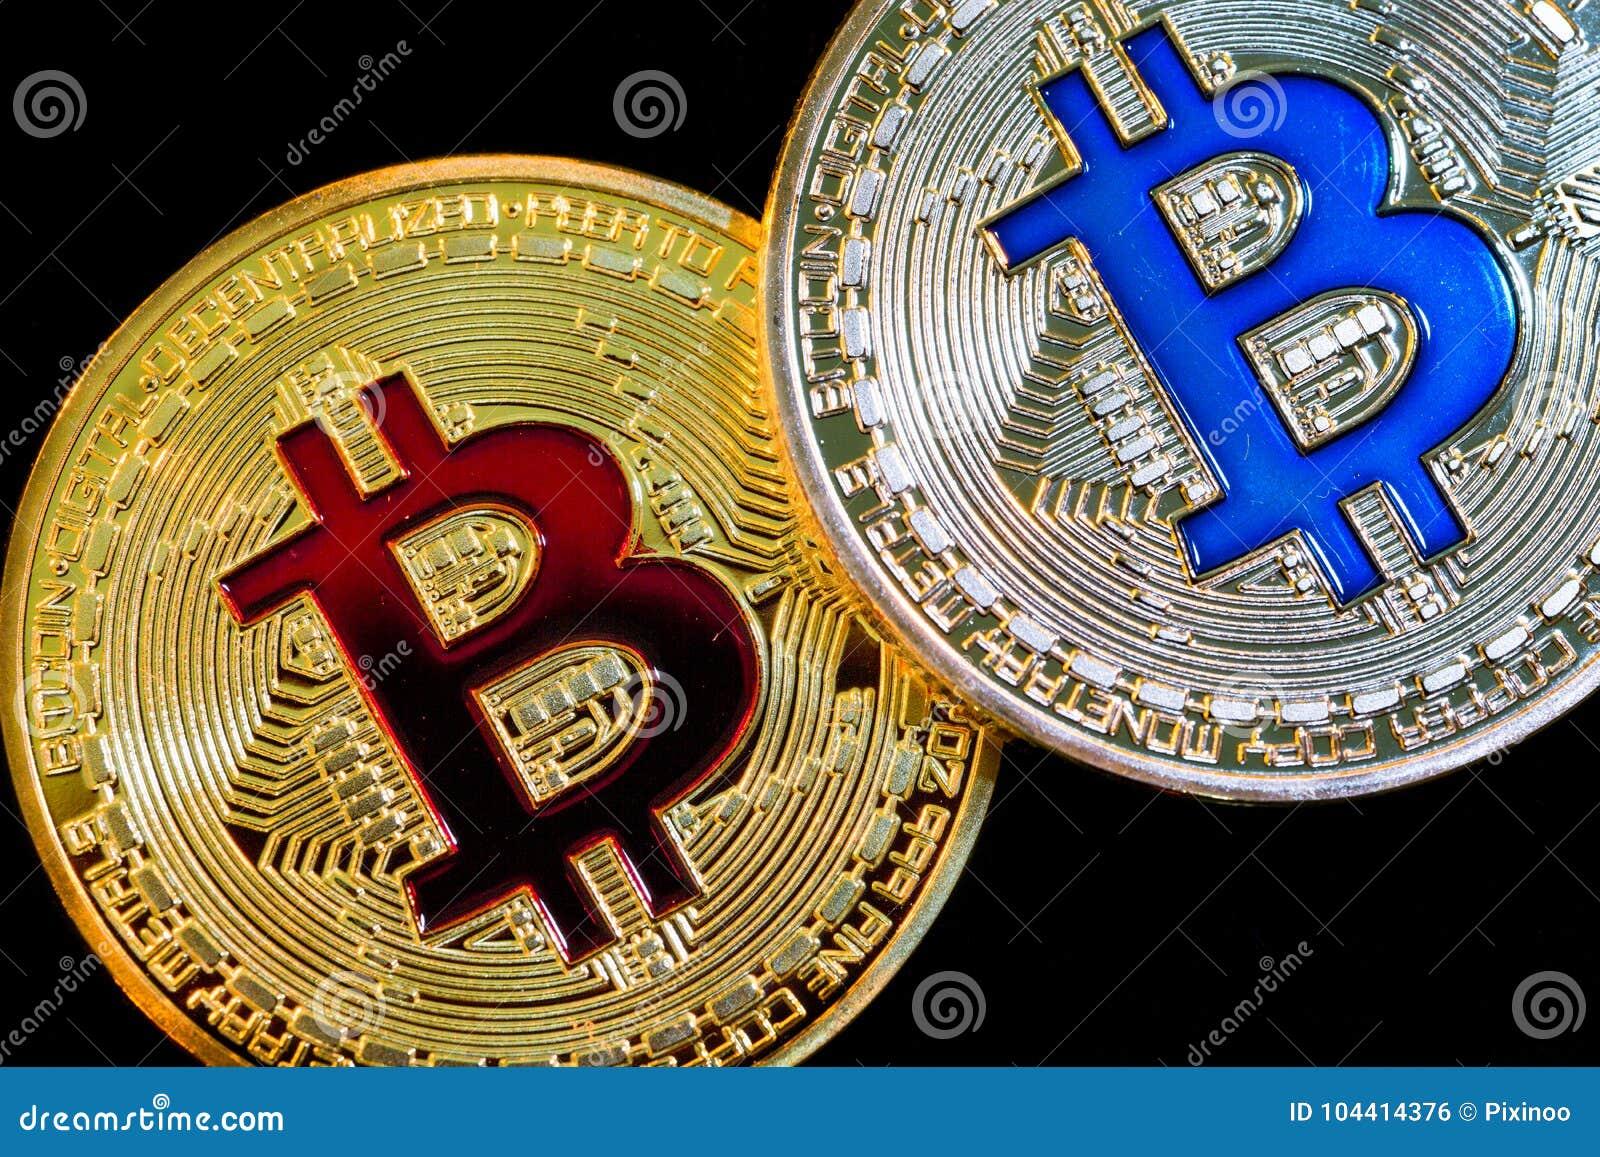 Fysisk version av Bitcoin nya faktiska pengar på svart bakgrund